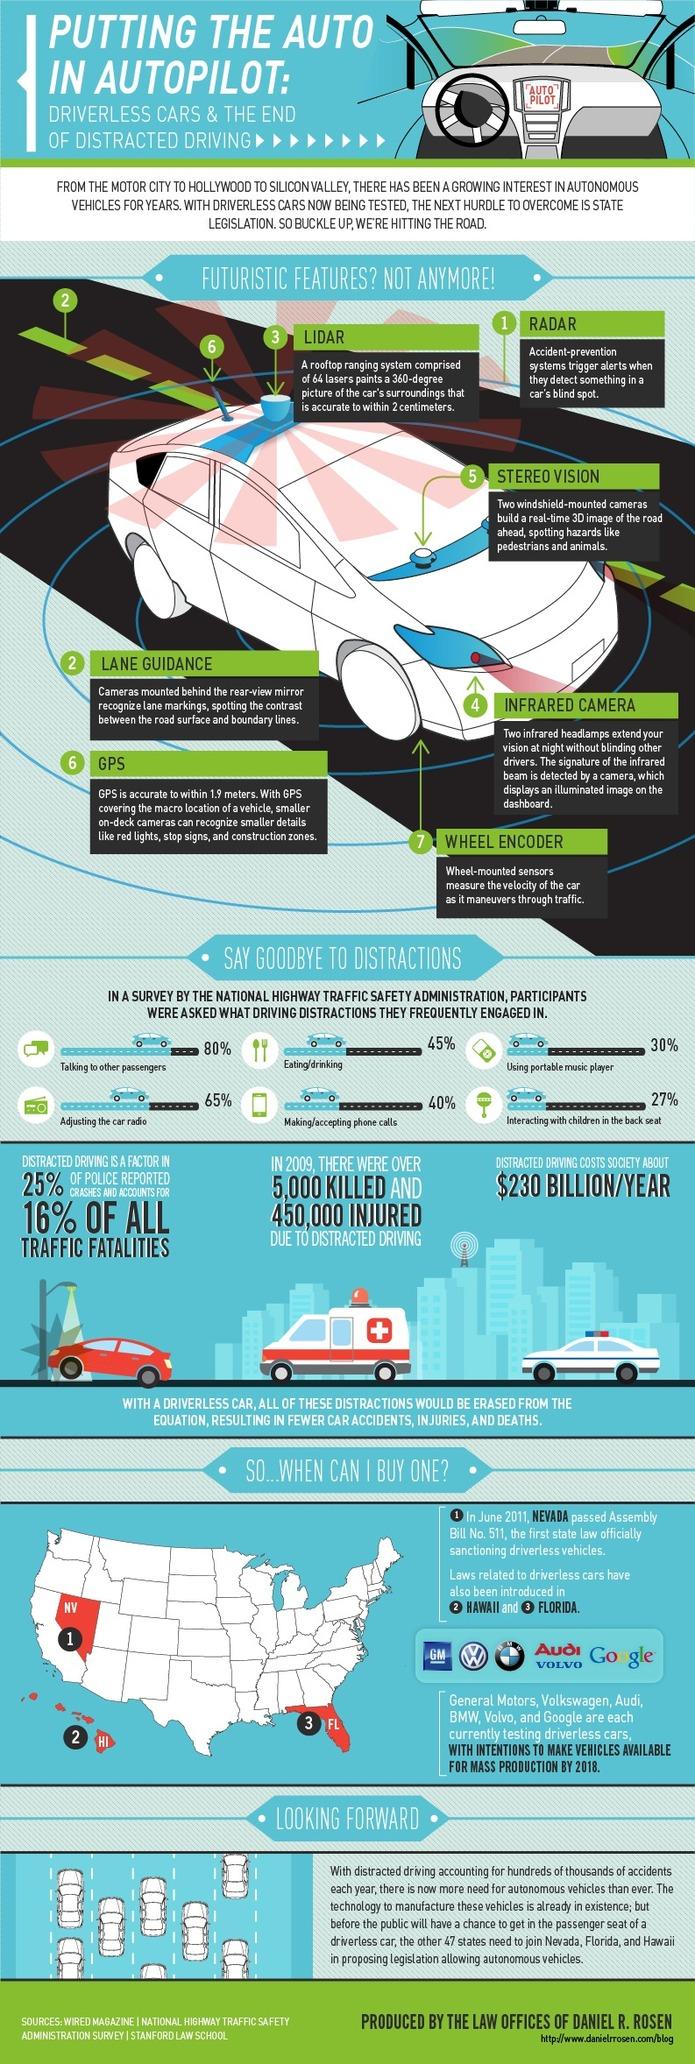 Les voitures sans conducteurs - Un avenir qui se rapproche? ( en 1 image )